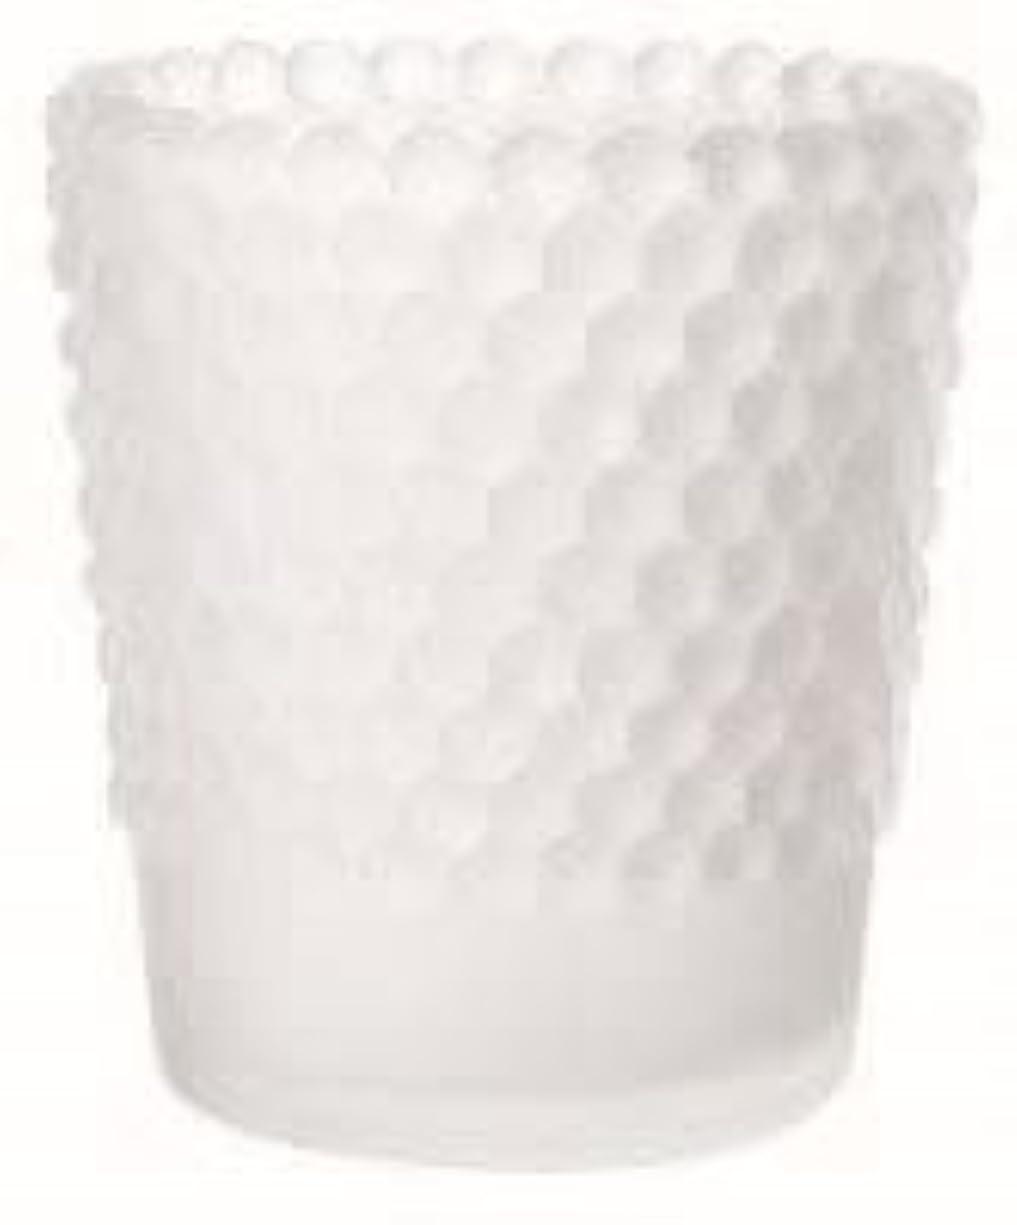 誘導誰飼いならすカメヤマキャンドル(kameyama candle) ホビネルグラス 「 フロストホワイト 」6個セット